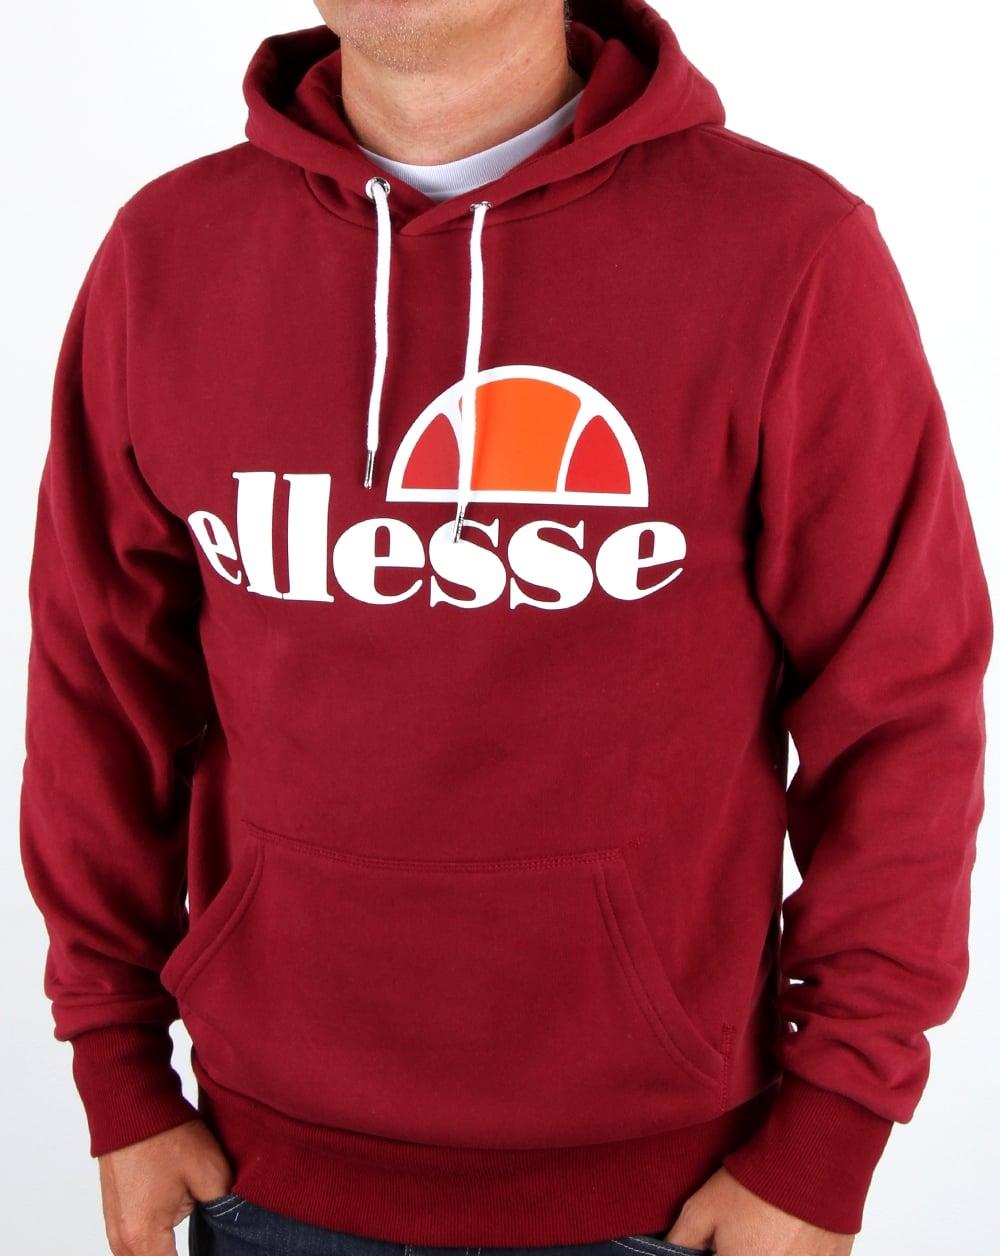 Ellesse Gottero Men Hoody Sweater Hoodie Pullover Sweatshirt Casual Jacket Tops